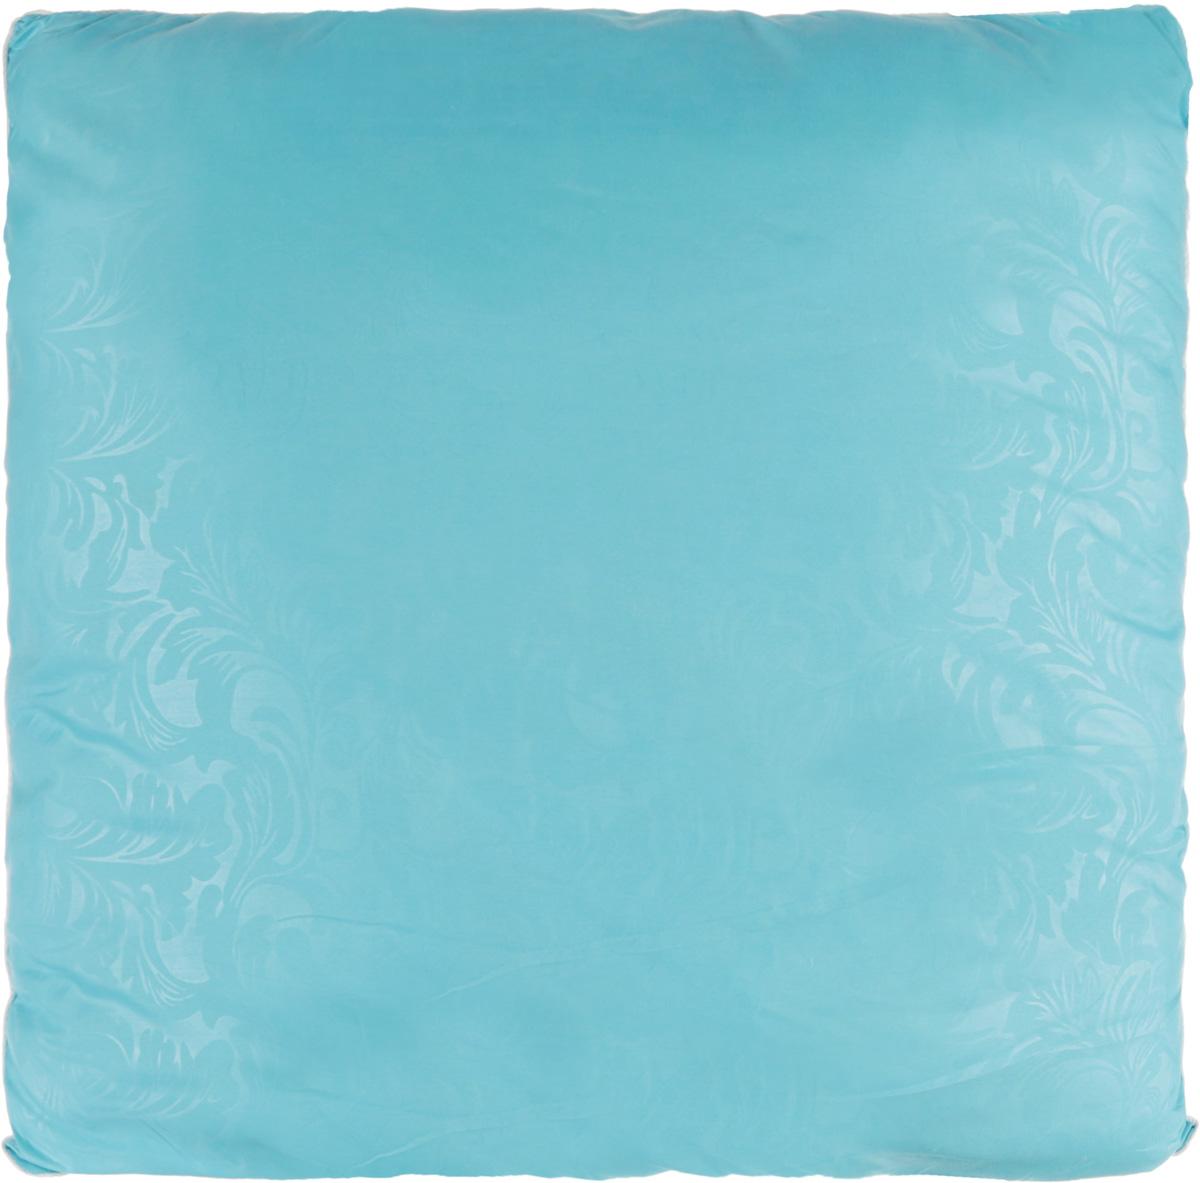 Подушка Smart Textile Безмятежность, наполнитель: лебяжий пух, цвет: голубой, 70 х 70 смВZ03Удобная и мягкая подушка Smart Textile Безмятежность подарит здоровый сон и отличный отдых. Чехол подушки на молнии выполнен из микрофибры с красивым узором. В качестве наполнителя используется лебяжий пух. Лебяжий пух - это 100% сверхтонкое высокосиликонизированное волокно. Такой наполнитель мягкий, приятный на ощупь и гипоаллергенный. Подушка удобна в эксплуатации: легко стирается, быстро сохнет, сохраняя первоначальные свойства, устойчива к воздействию прямых солнечных лучей, износостойка и прочна. Изделие обладает высокой теплоизоляционной способностью - не вызывает перегрева головы. Подушка обеспечит правильную поддержку головы и шеи во время сна. Наполнитель не сбивается в комки и сохраняет тепло. Подушка с этим наполнителем подойдет людям, склонным к аллергии, так как отталкивает пыль и не впитывает запахи.